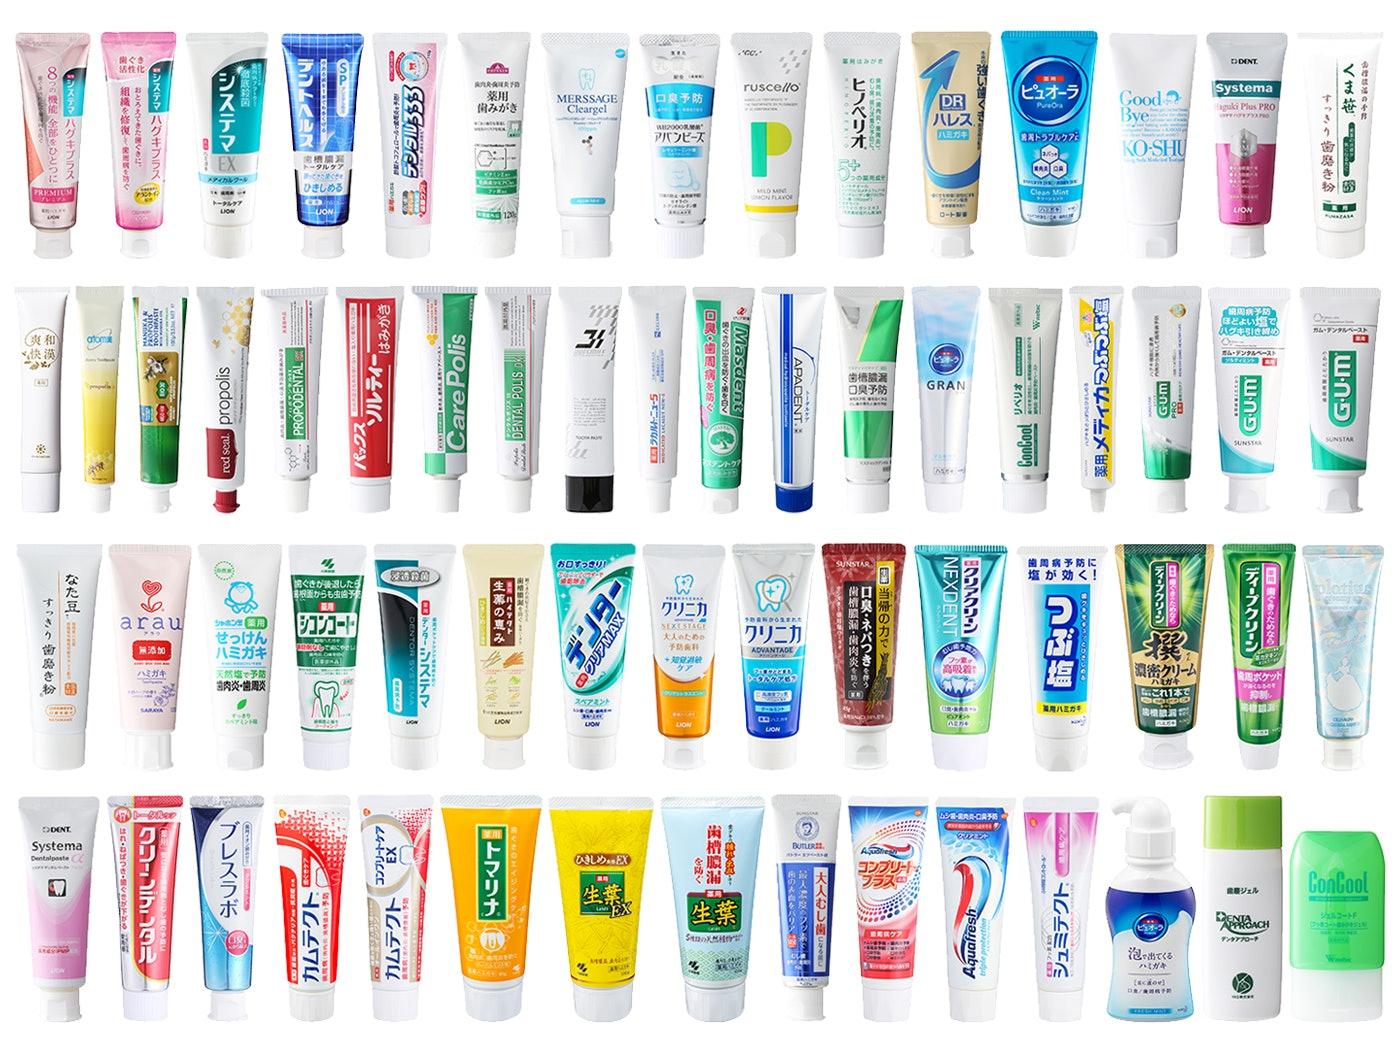 【徹底比較】歯周病予防歯磨き粉のおすすめ人気ランキング64選